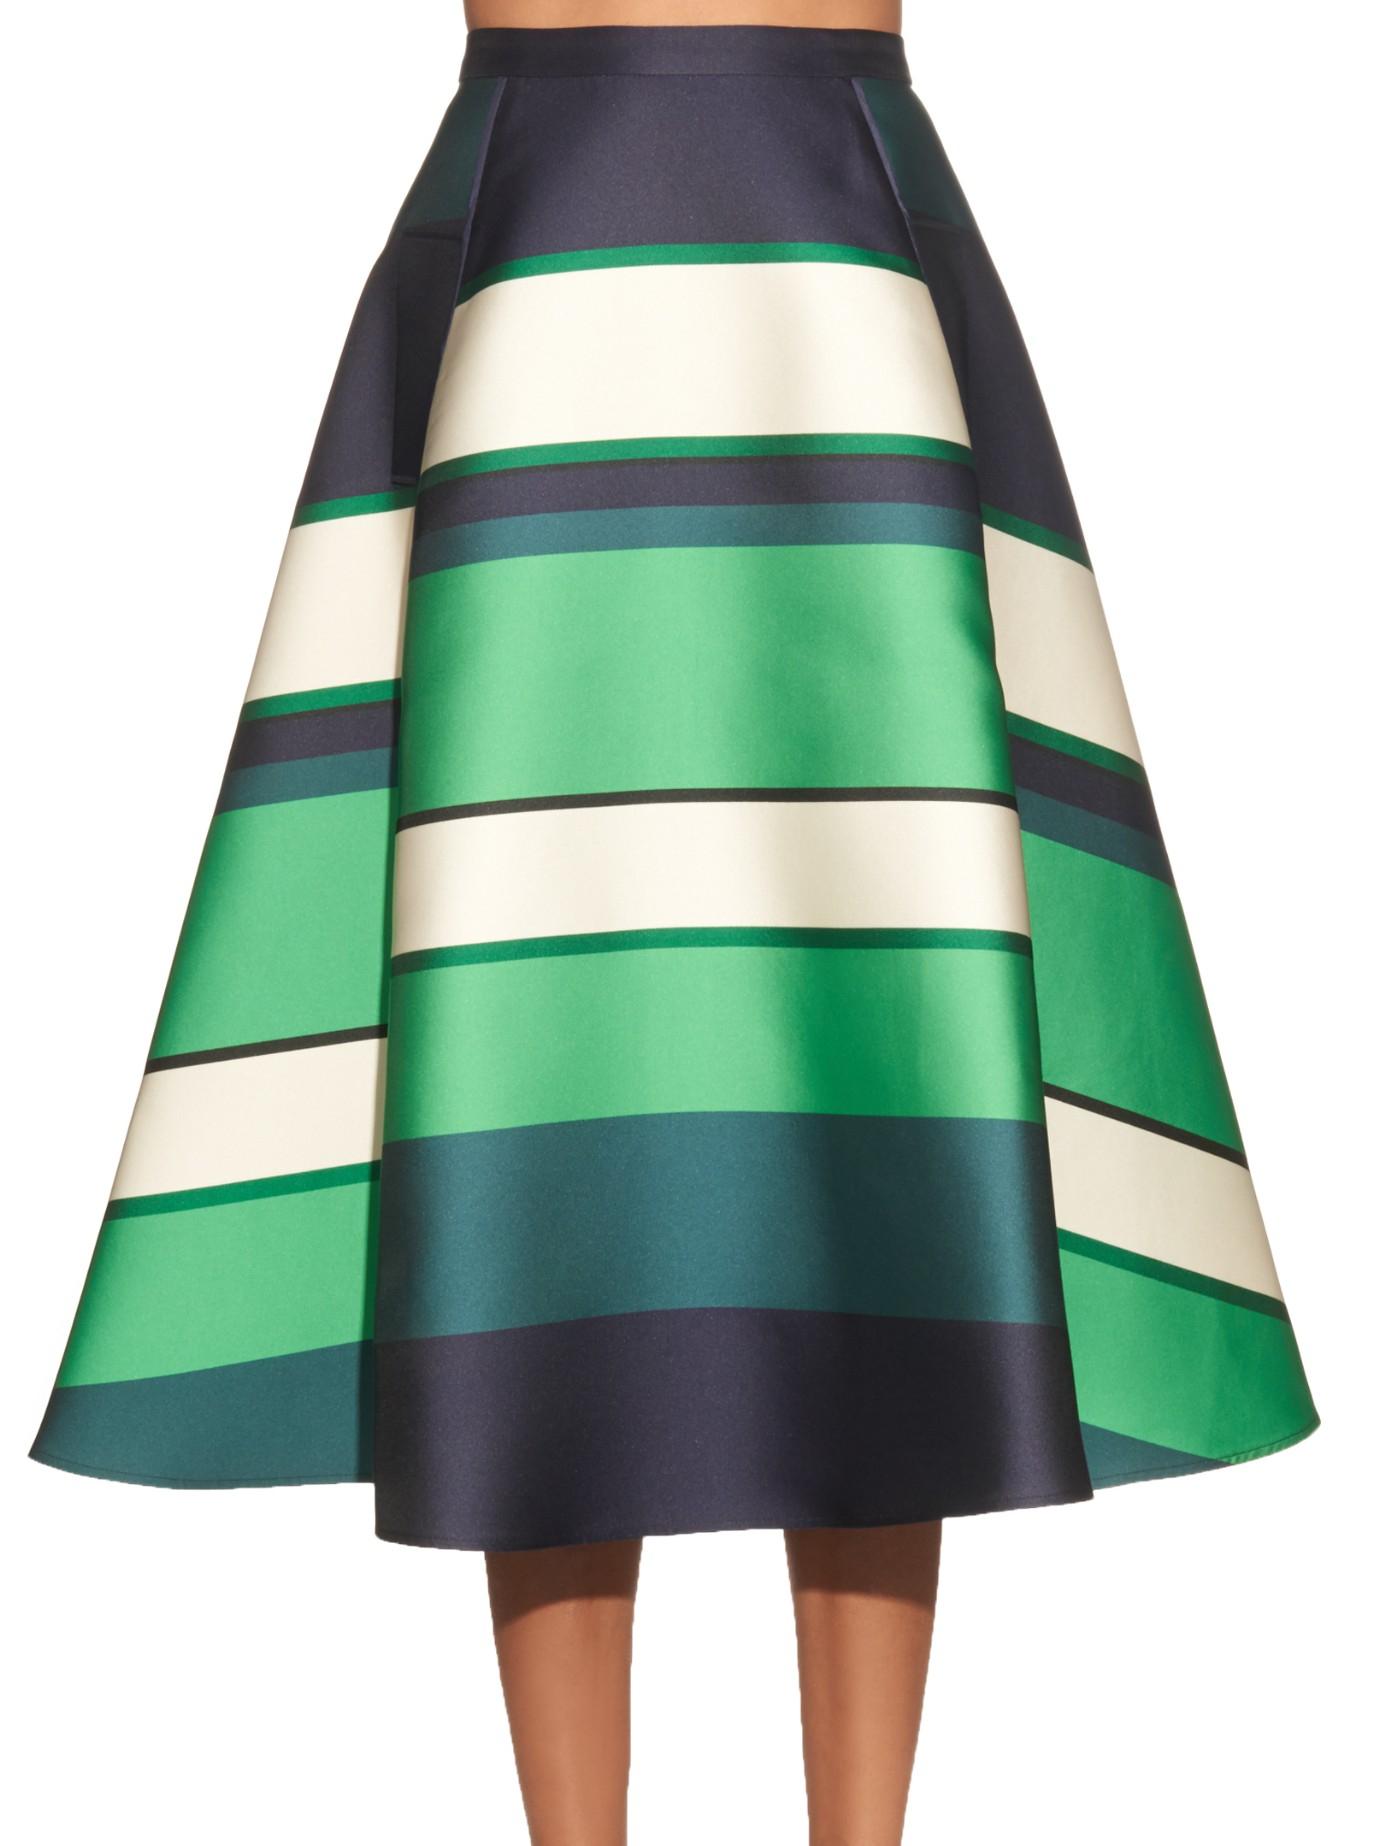 Lanvin Duchesse Stripe Berlingot A-line Skirt in Green | Lyst